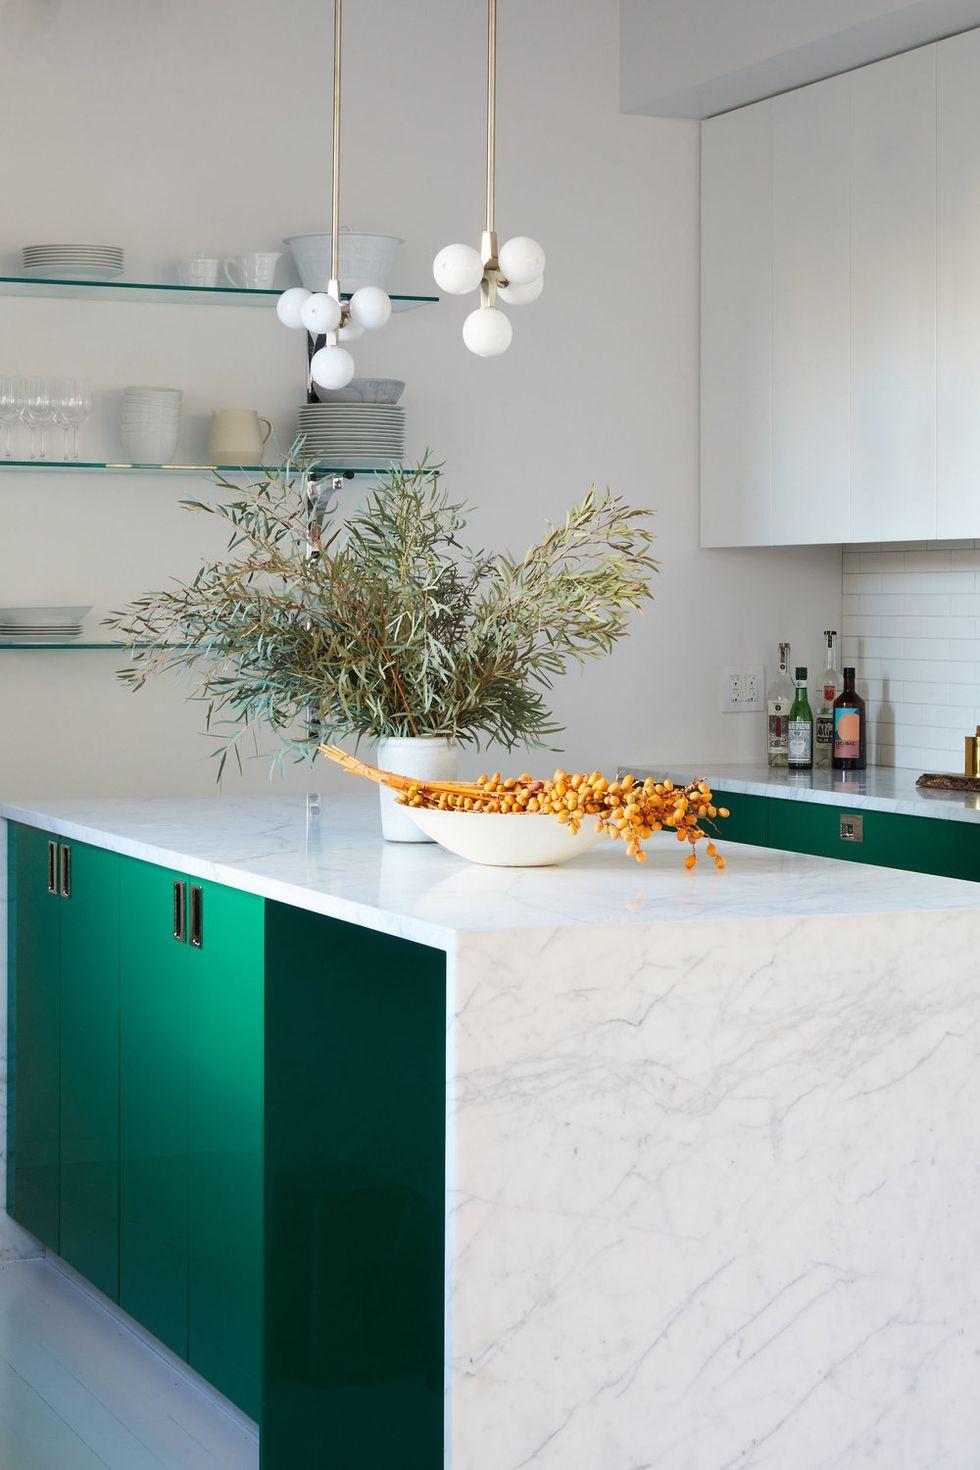 tủ bếp xanh lá và trắng